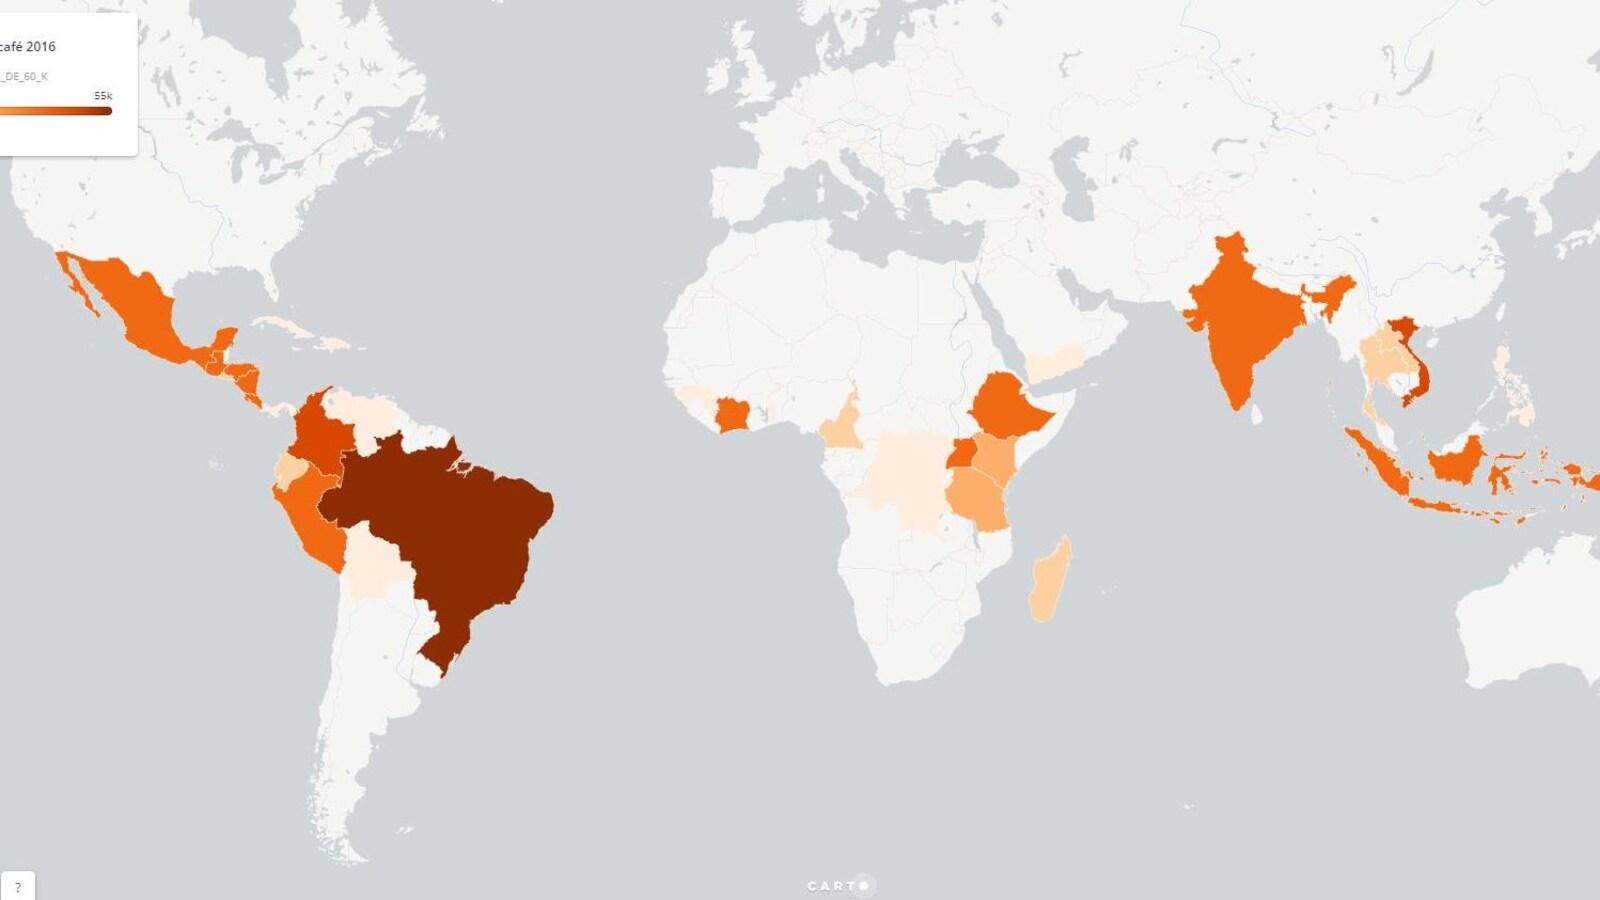 Carte des pays producteurs de café